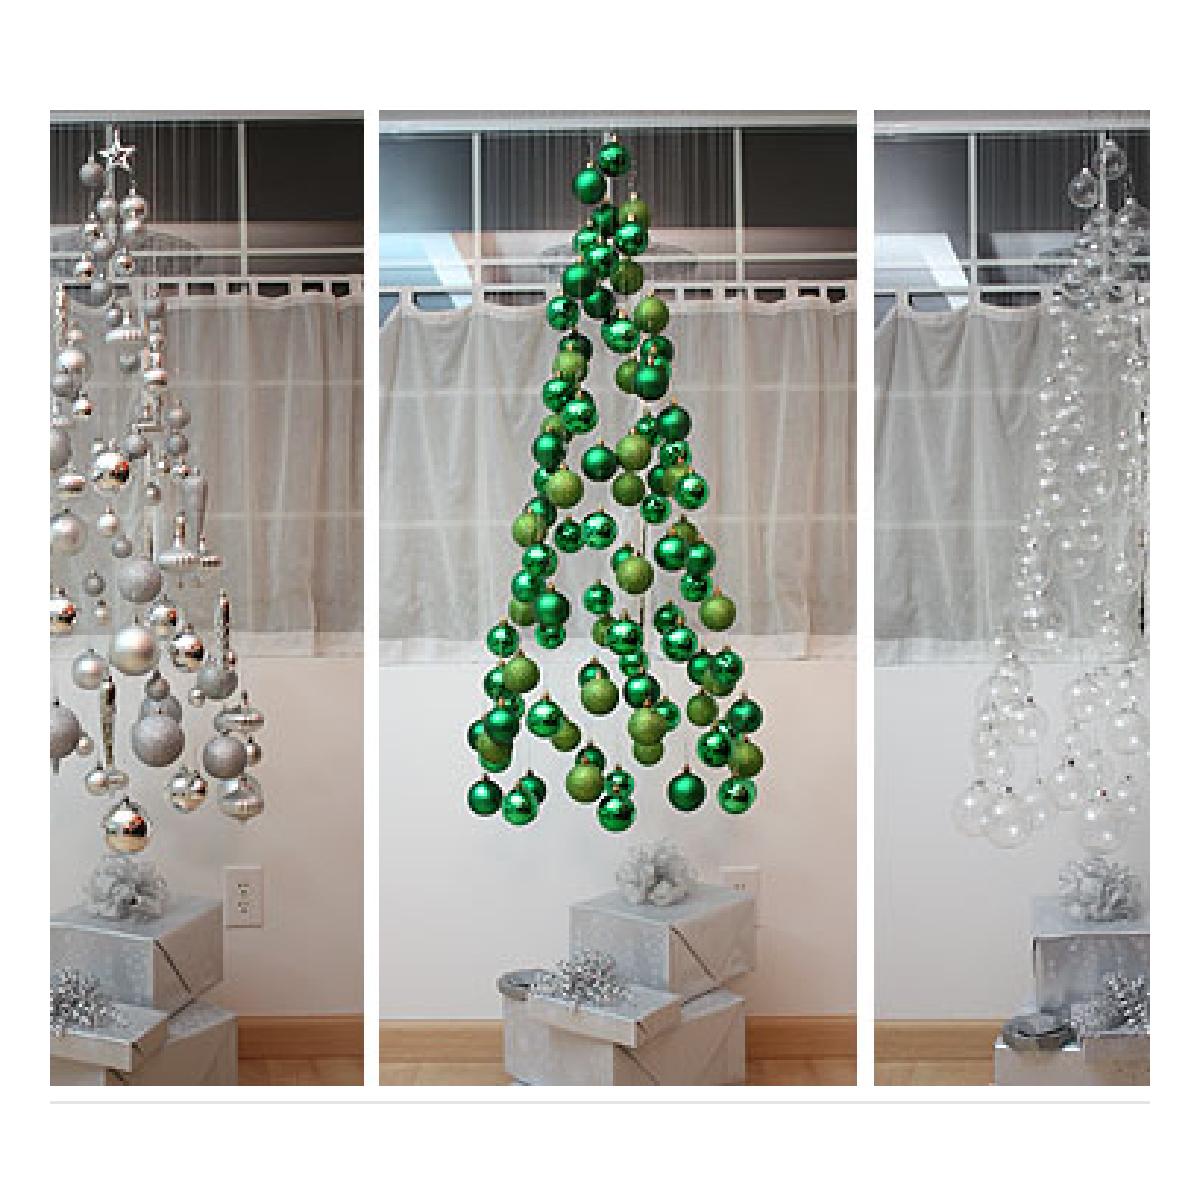 #246E34 Cadeaux 2 Ouf : Idées De Cadeaux Insolites Et Originaux  6335 decoration noel a fabriquer en bois 1200x1200 px @ aertt.com